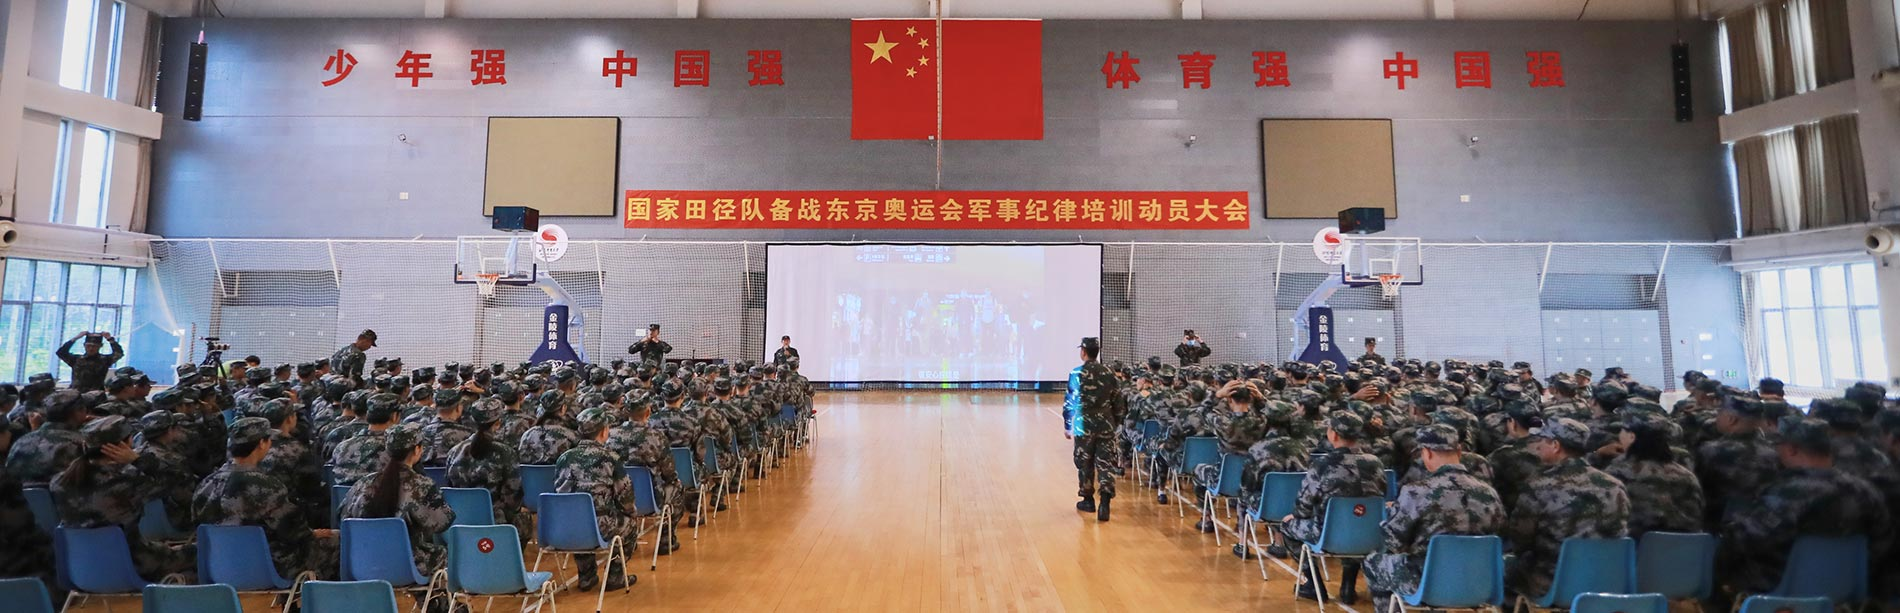 沙场秋点兵 中国国家田径队军事纪律培训正式开启